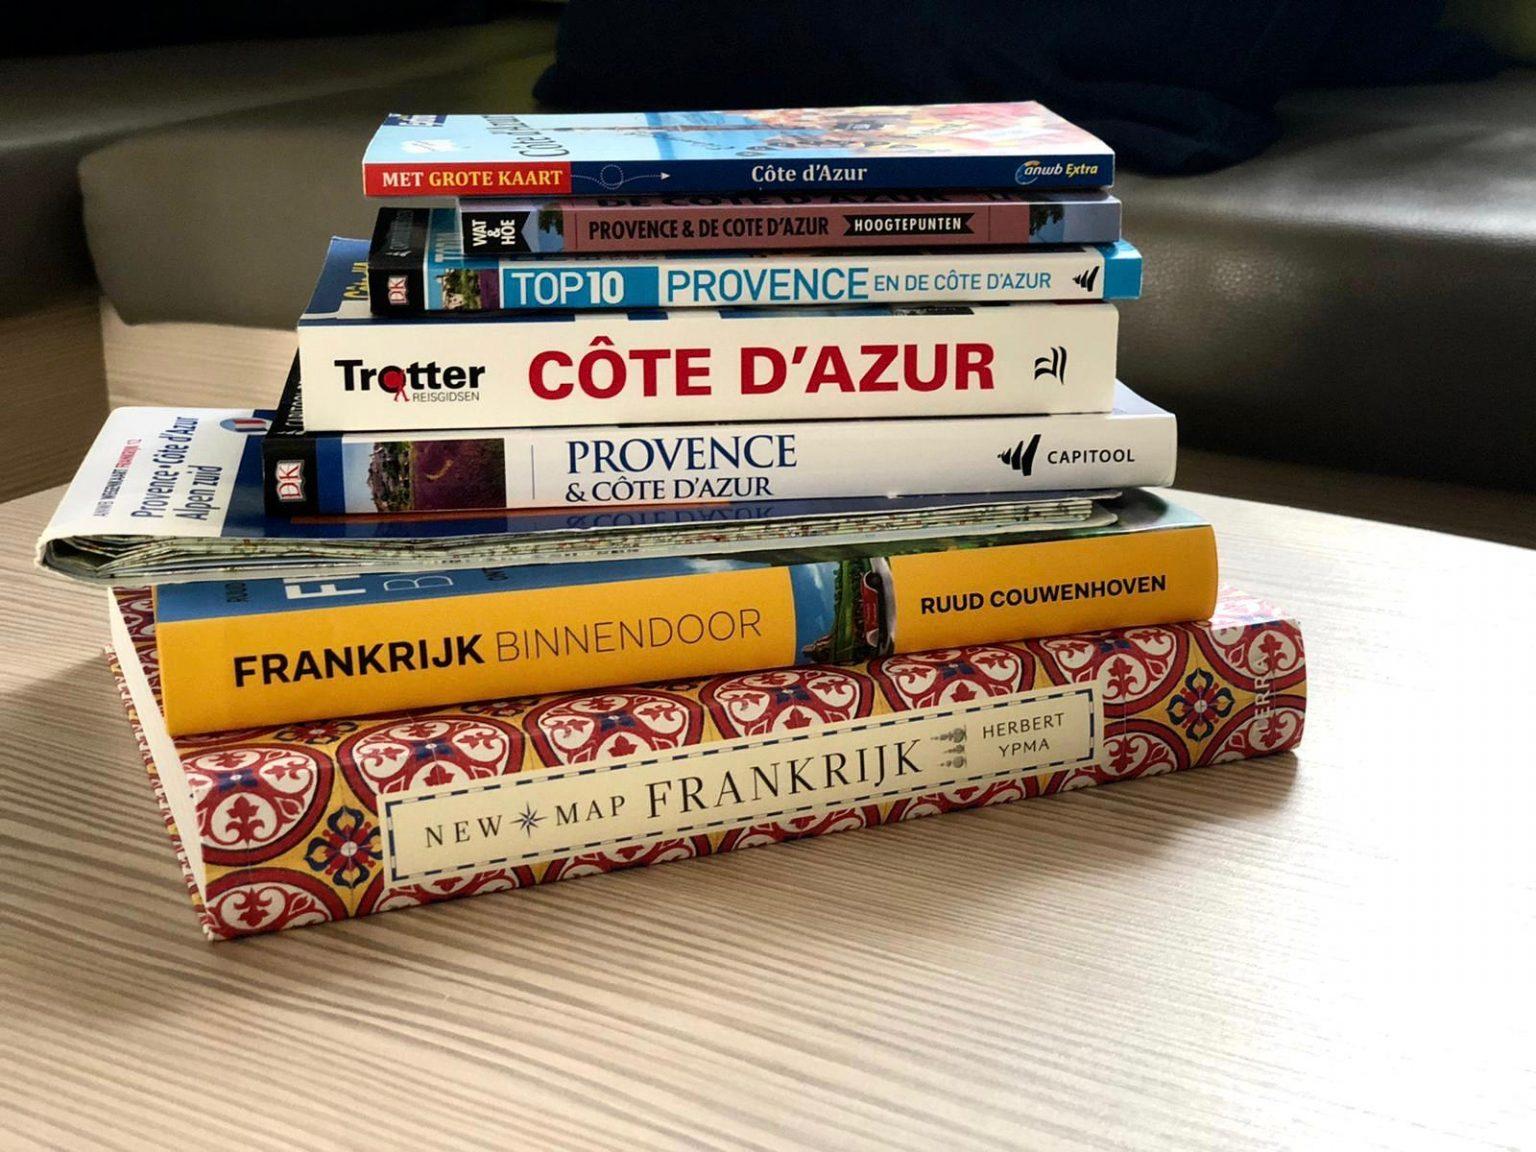 Informatieboeken over de regio in chalet